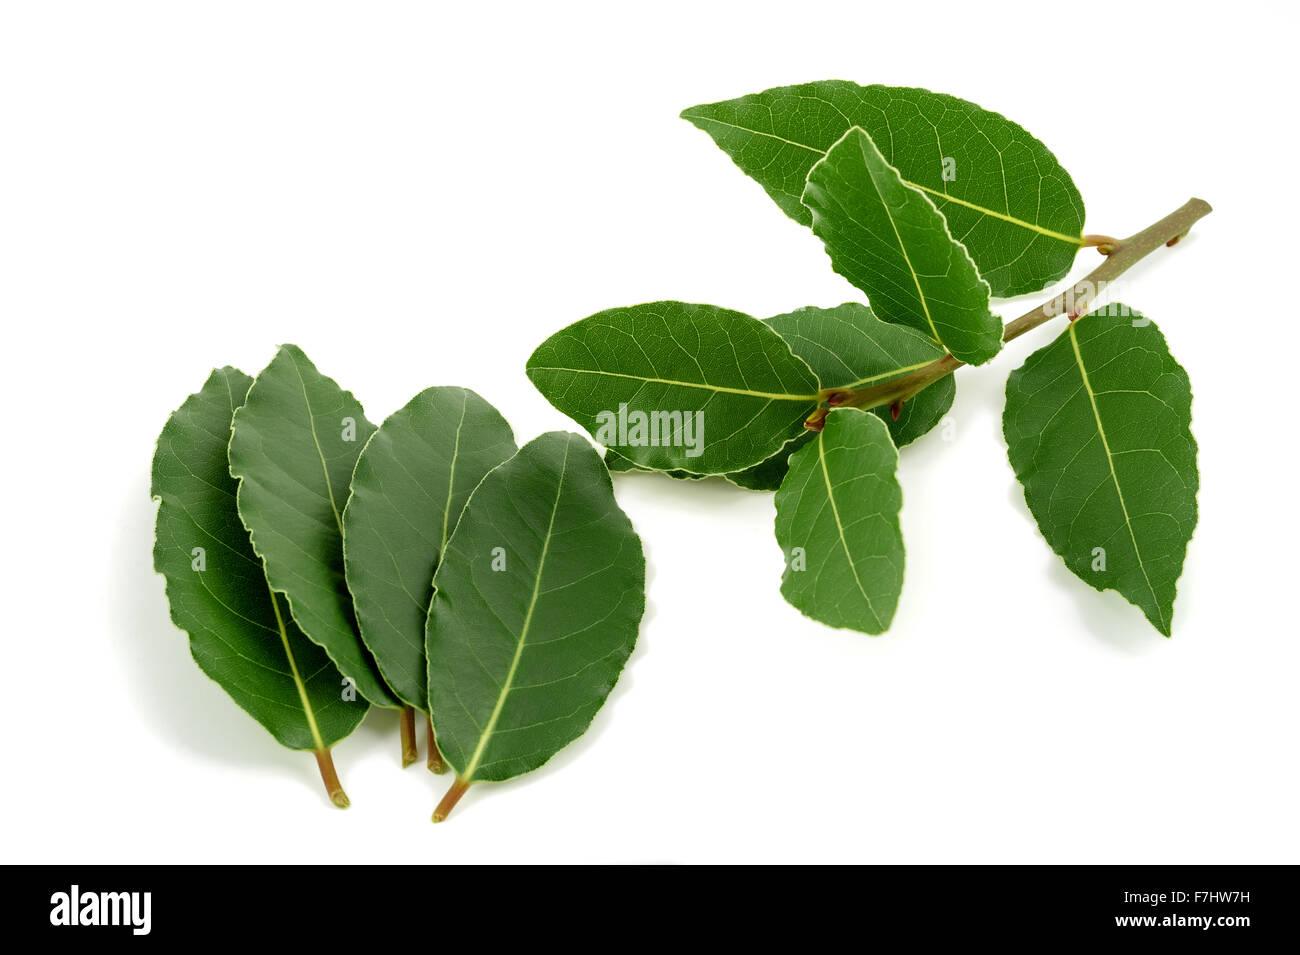 La direction générale et les feuilles de laurier isolé sur fond blanc Photo Stock